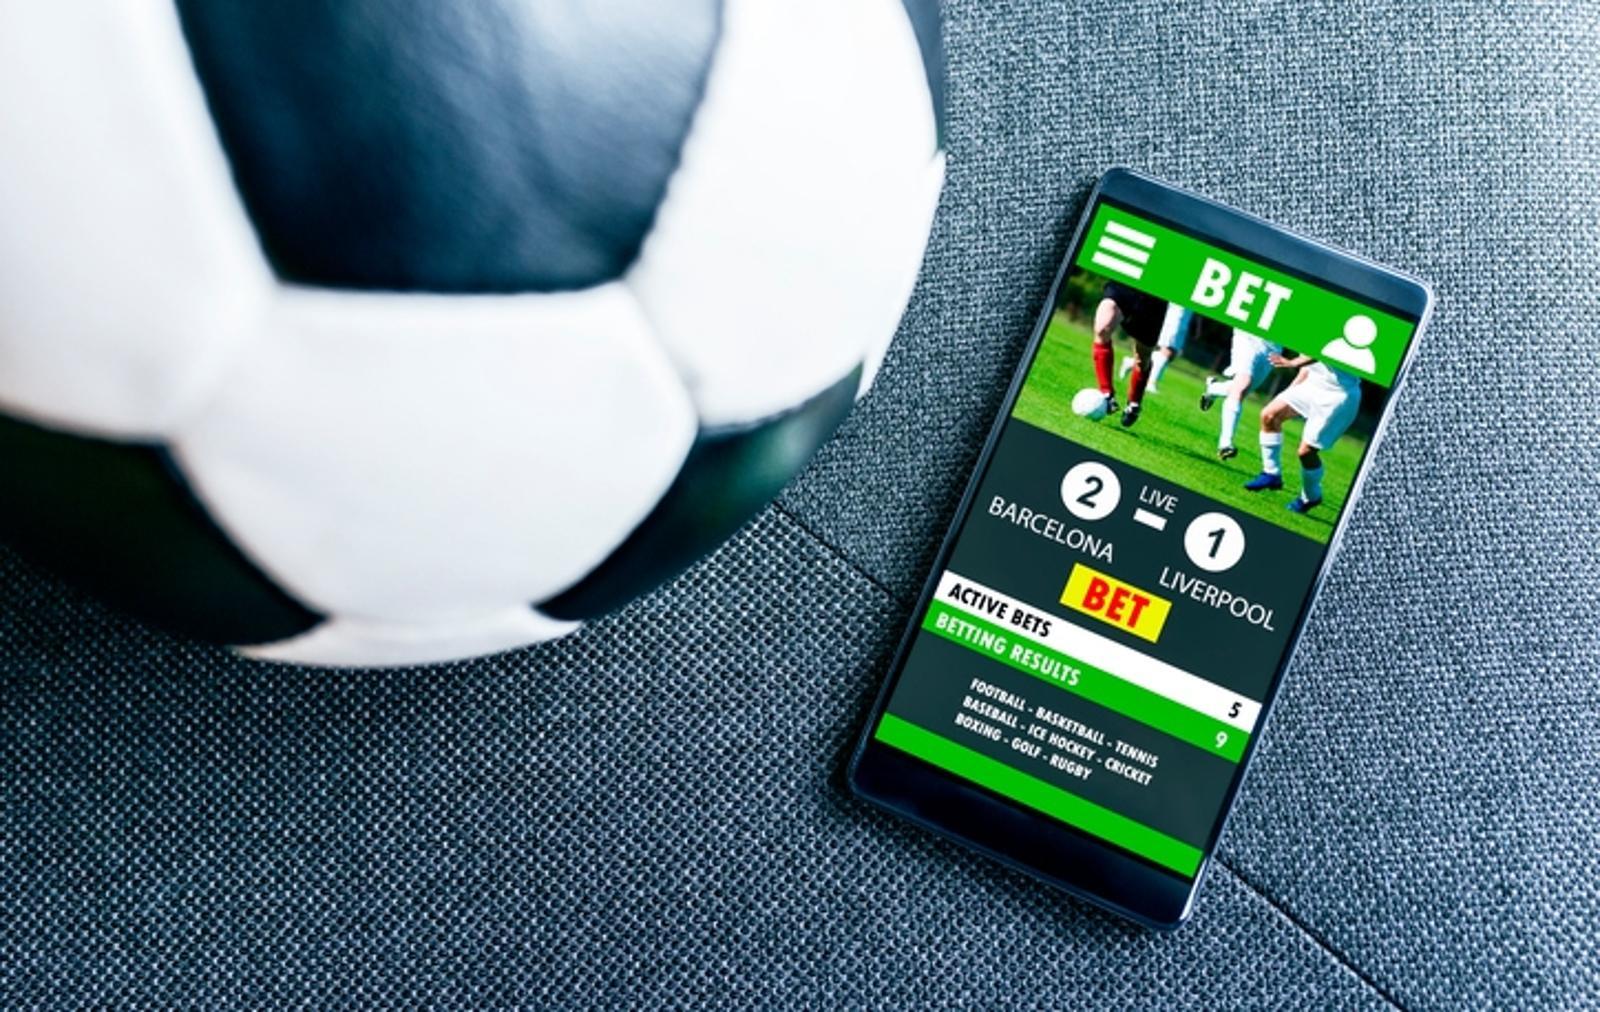 Pronosticos futbol apuestas deportivas tiradas gratis ELK Studios-884527